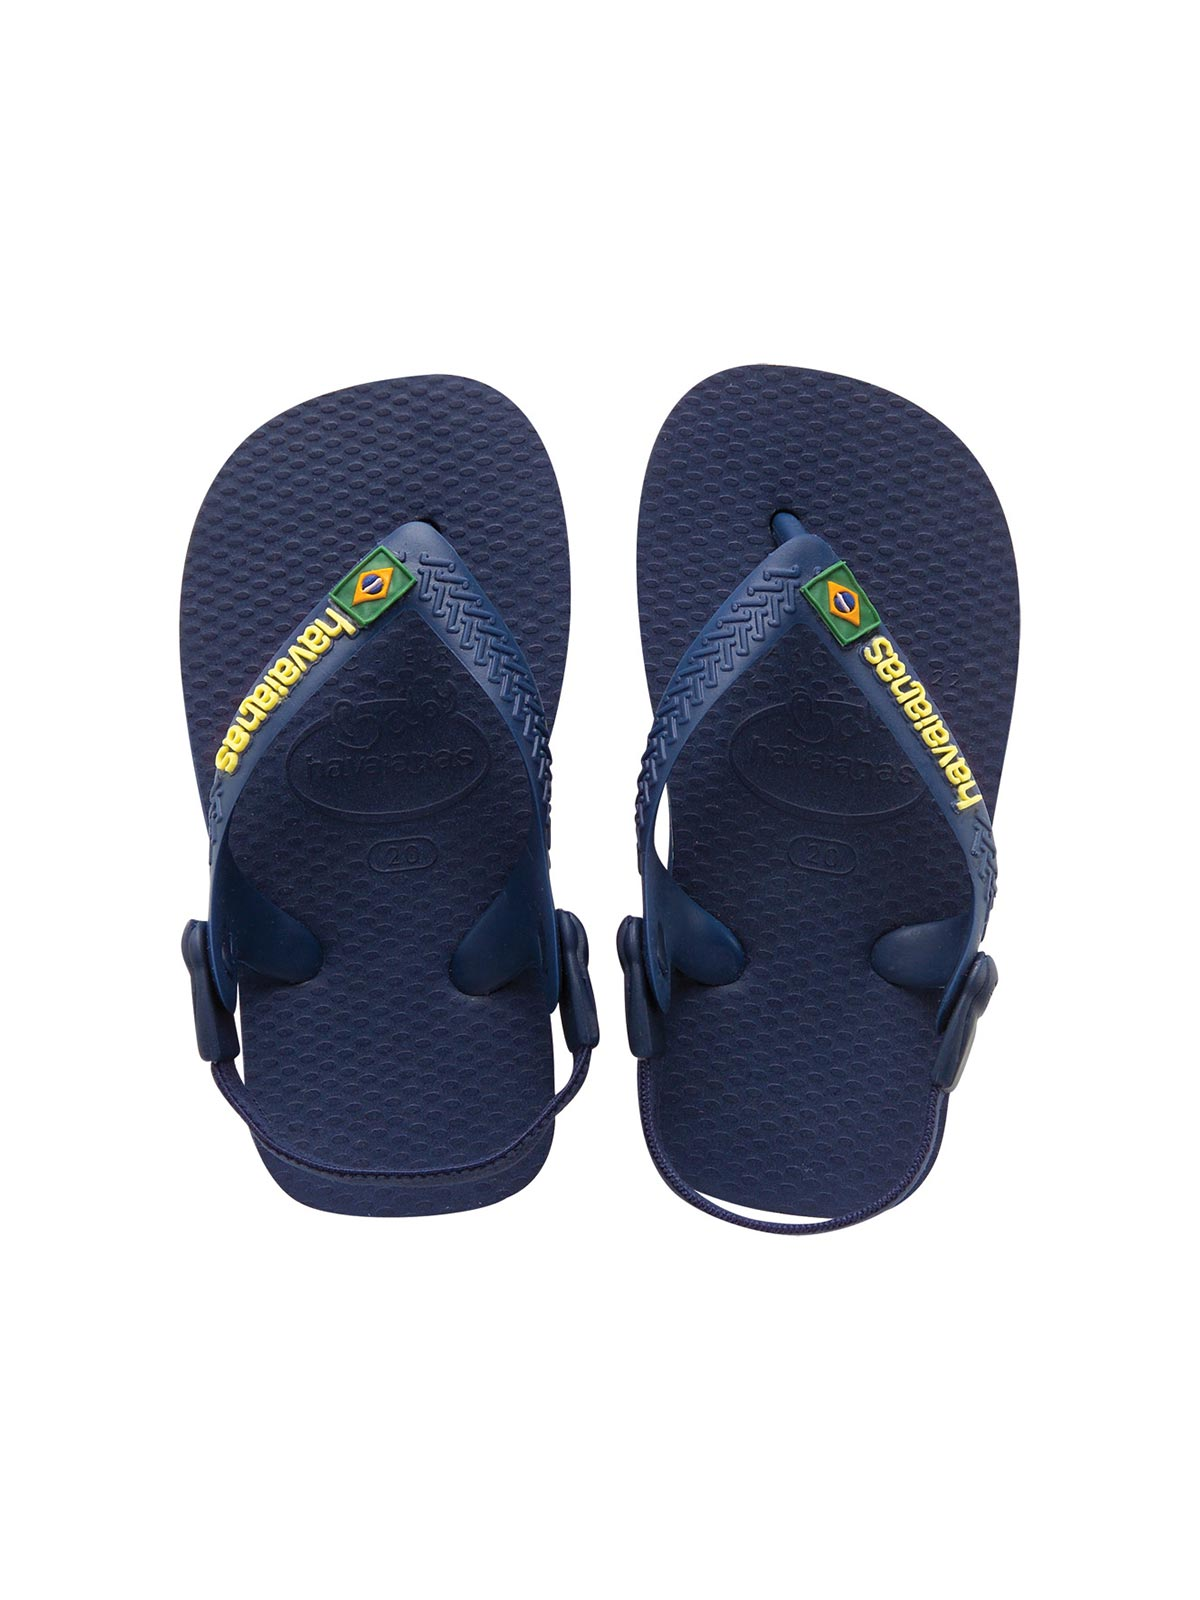 090f8953e Flip-Flops Flip-flops - Baby Brasil Logo Navy Blue yellow